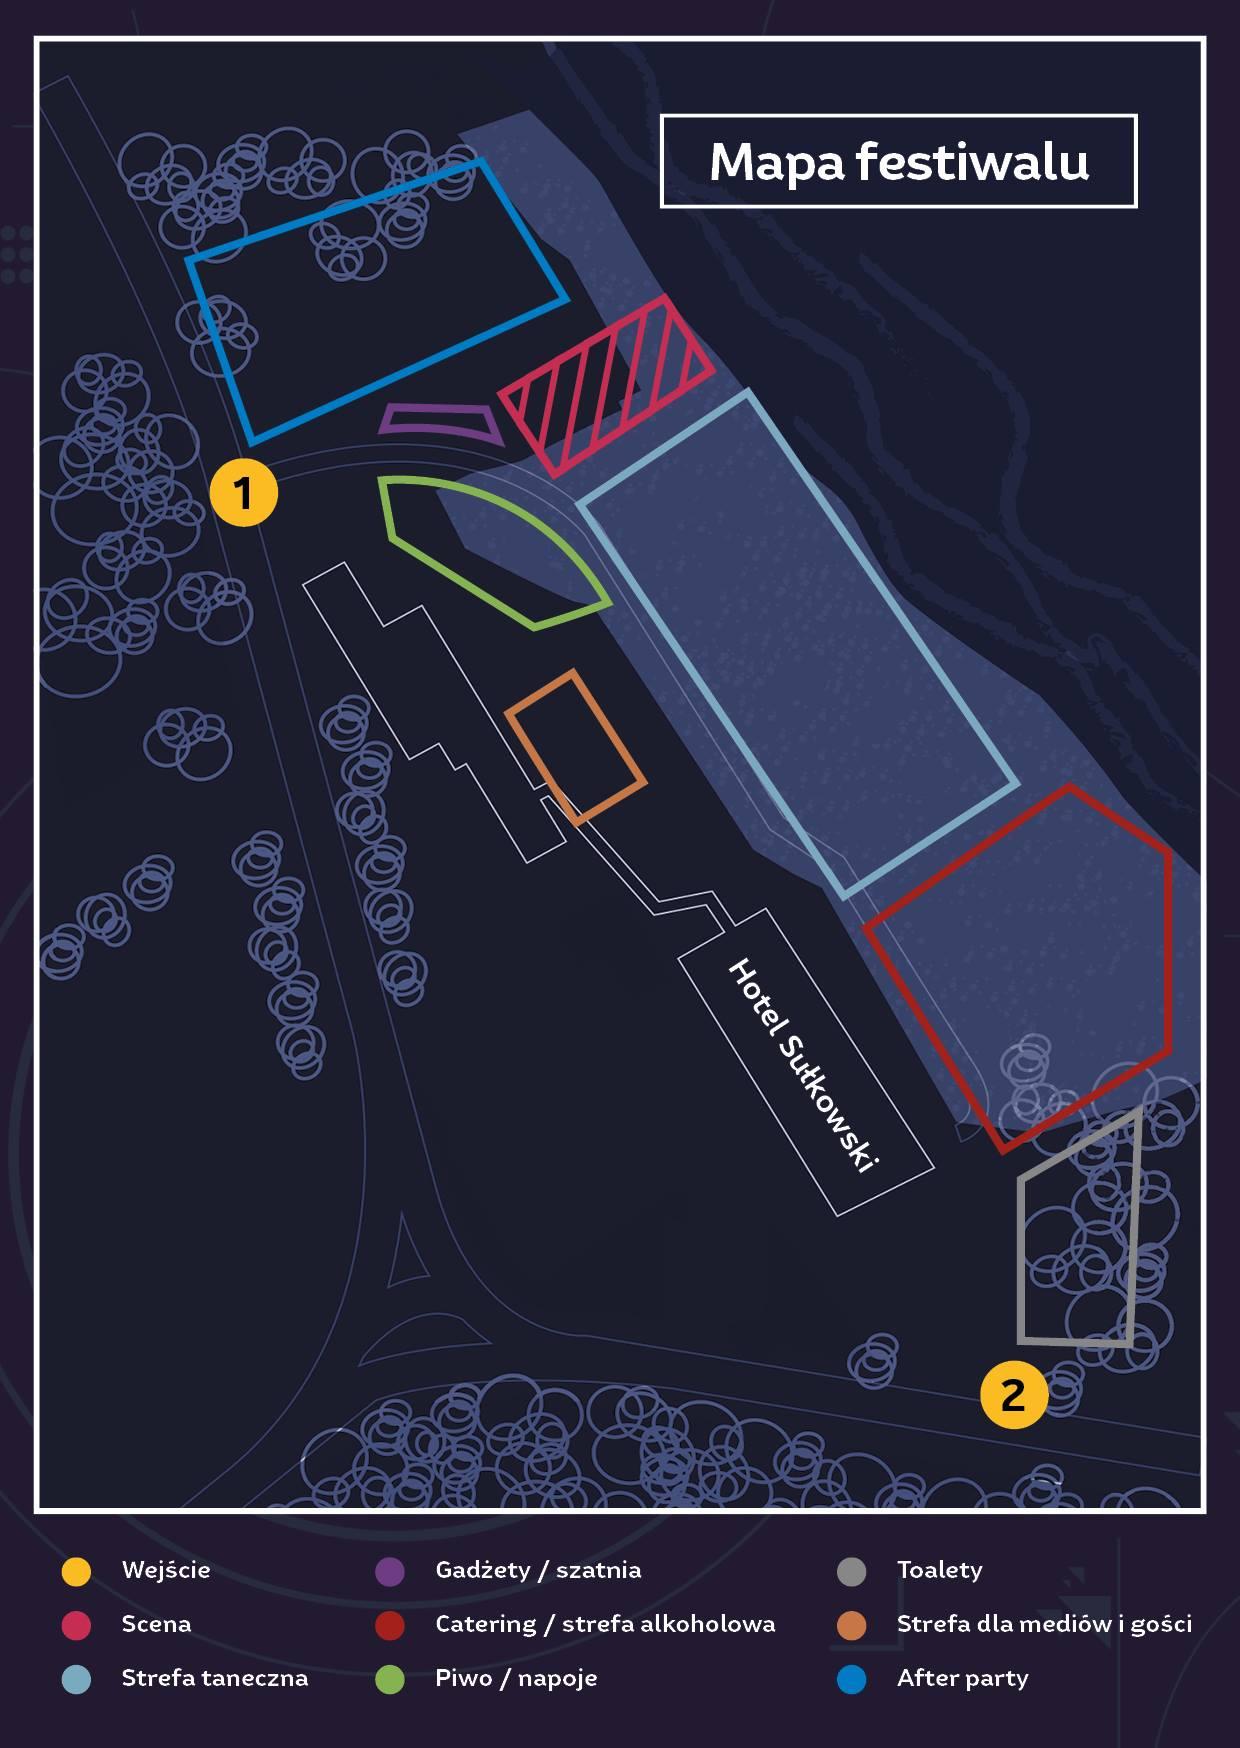 mapka wejscie otwarcie parking scena szatnia mapa euforia festiwal